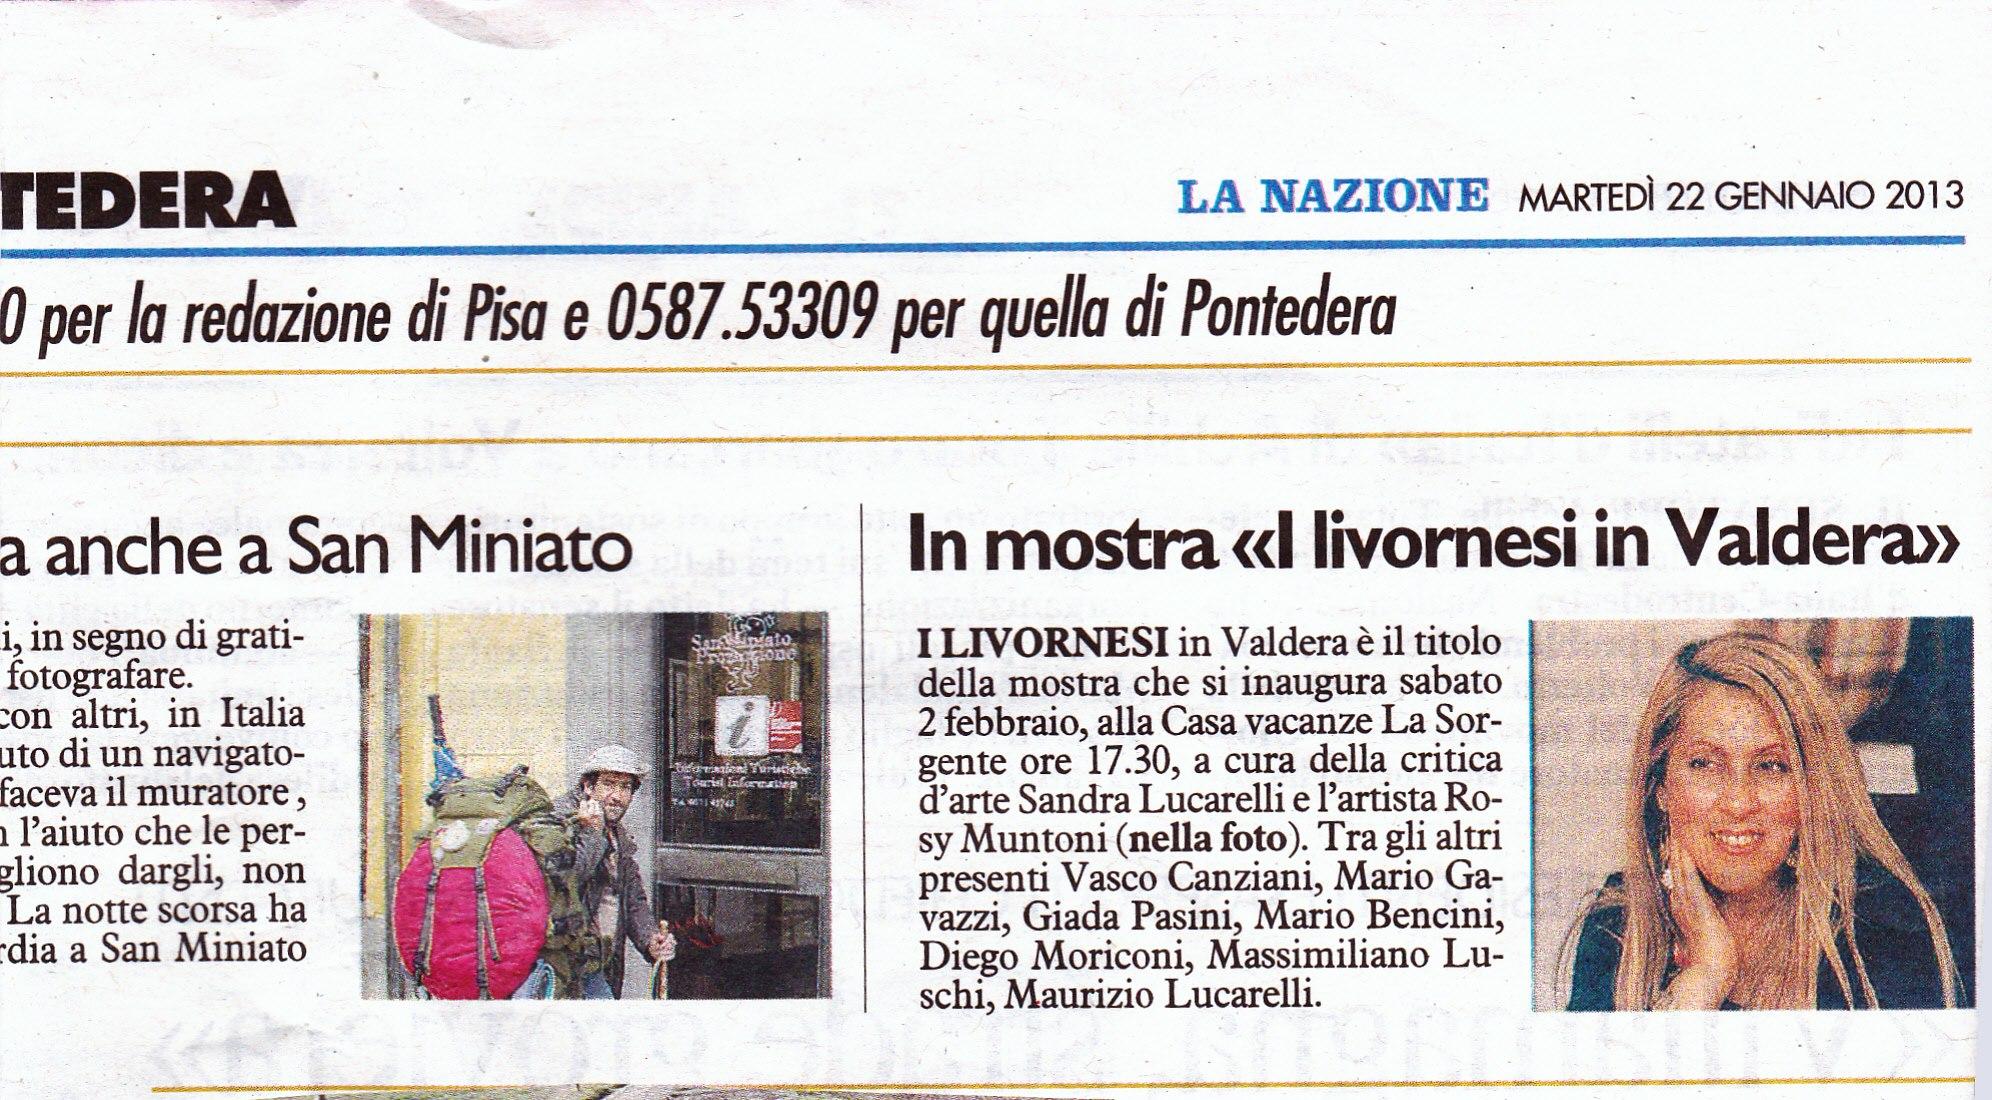 I LIVORNESI IN VALDERA, complesso turistico La Sorgente di Capannoli (02/02 – 02/03)